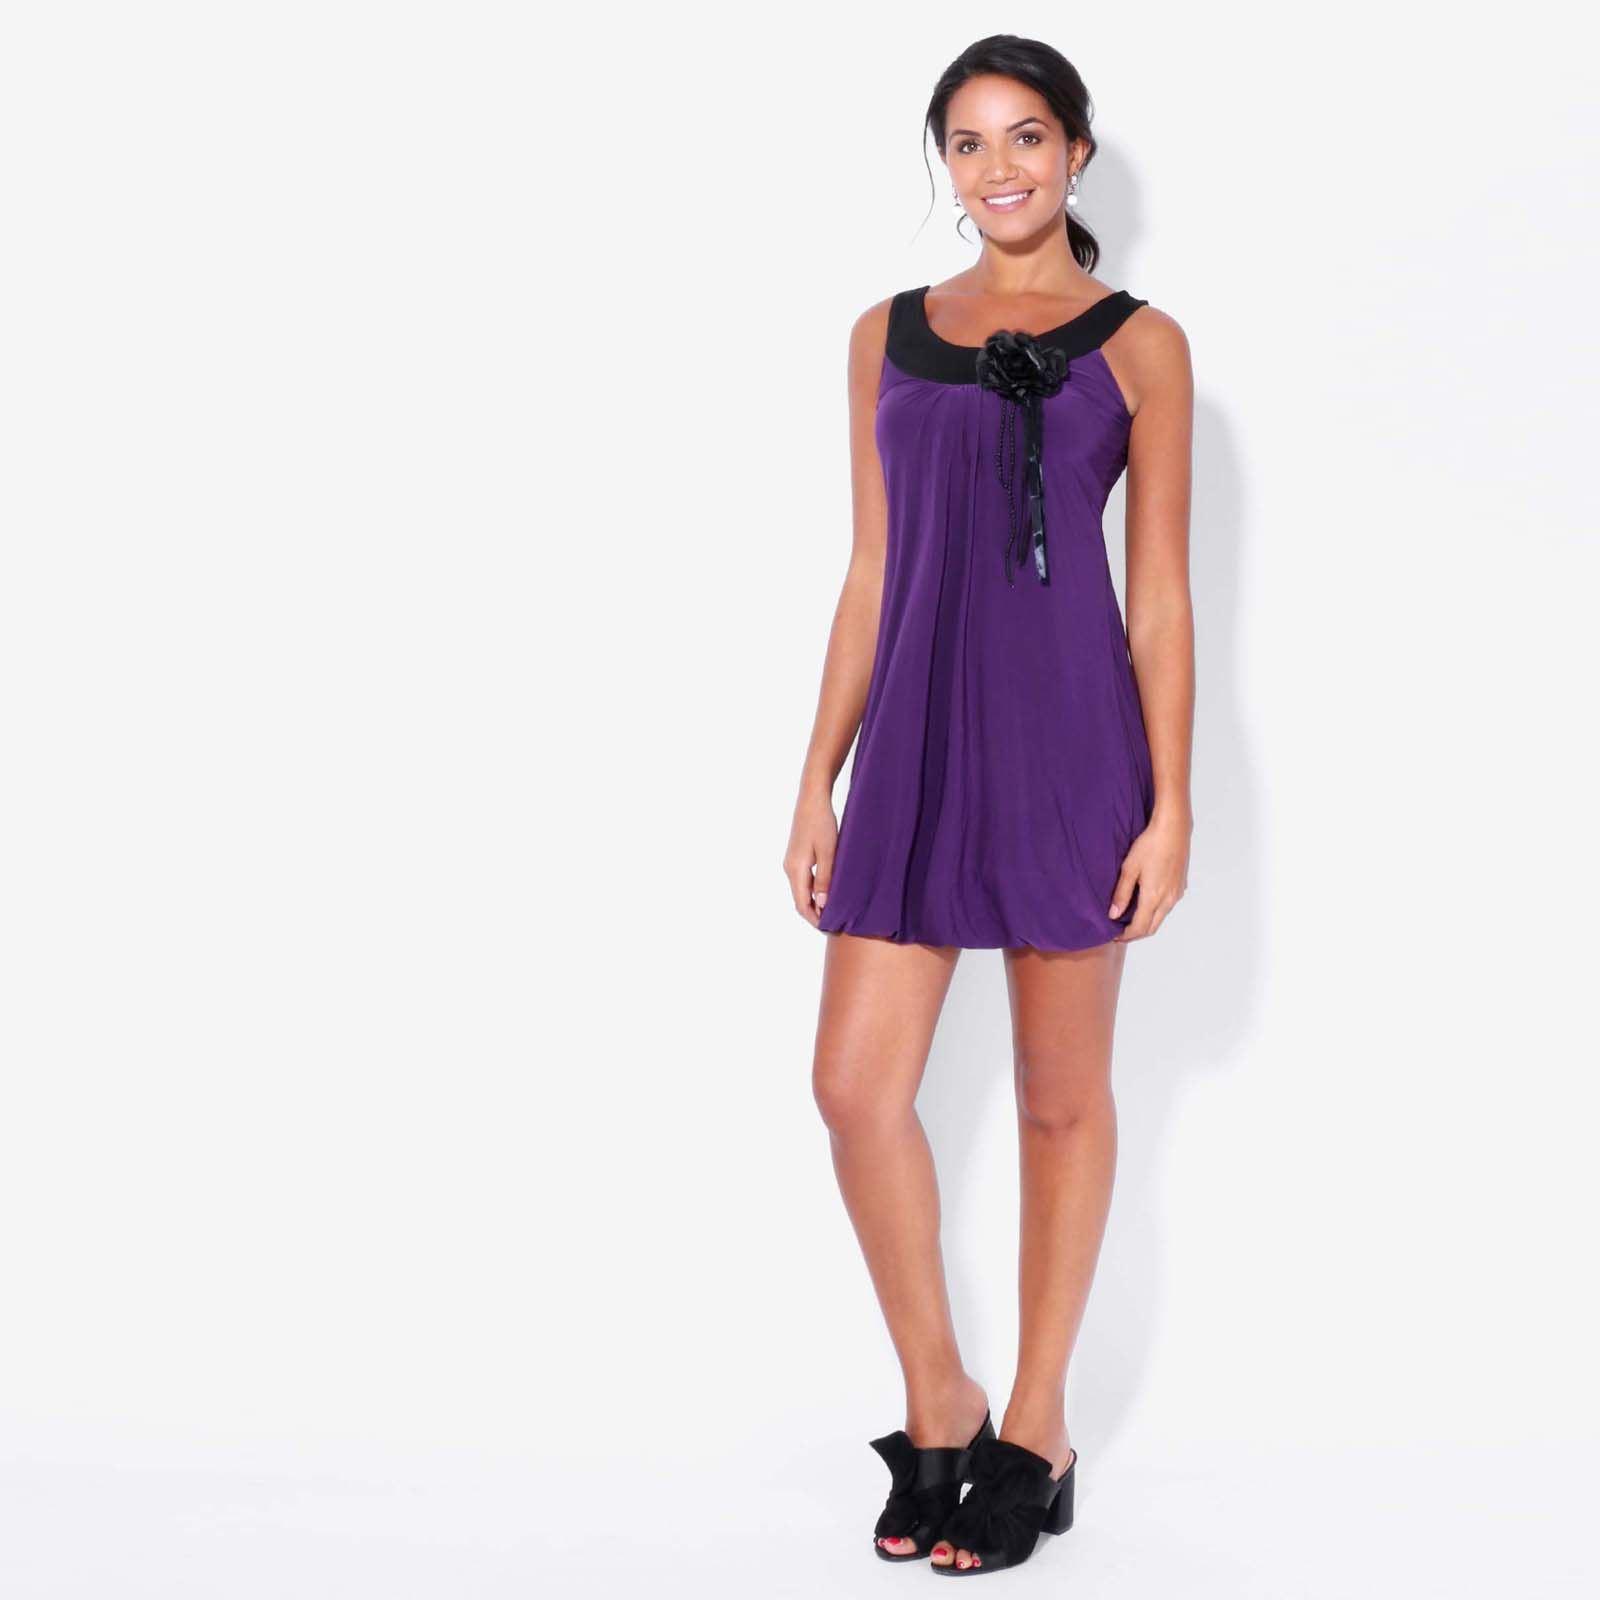 Damen Tunika Mit Anstecker Mini Kleid Trägerkleid 20er Jahre Swing Retro Top